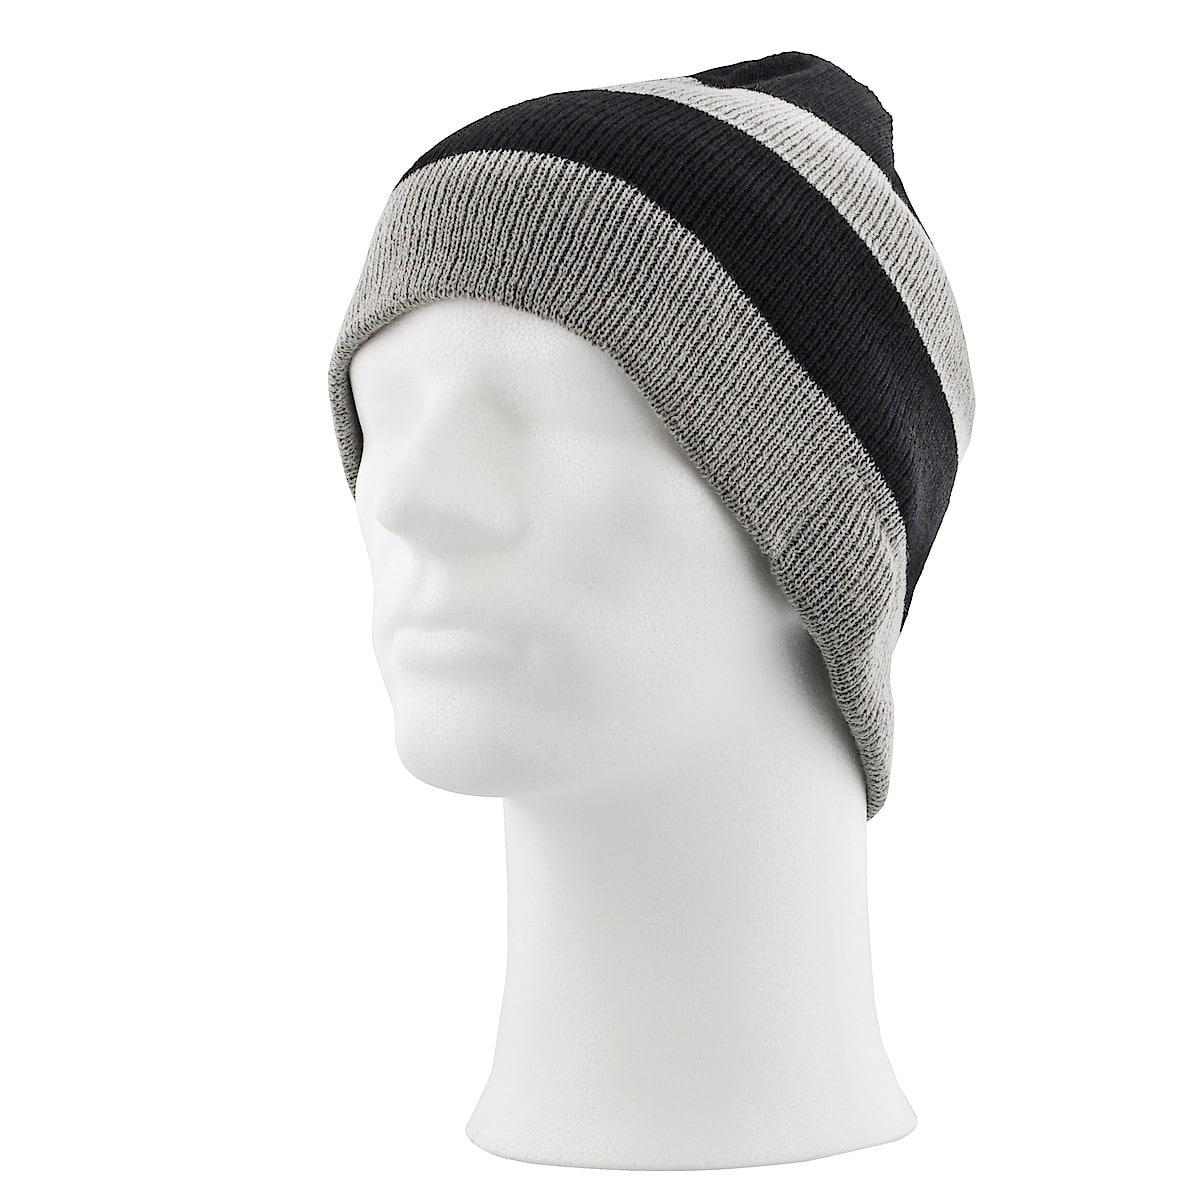 Mütze mit integrierten Kopfhörern, Streetz